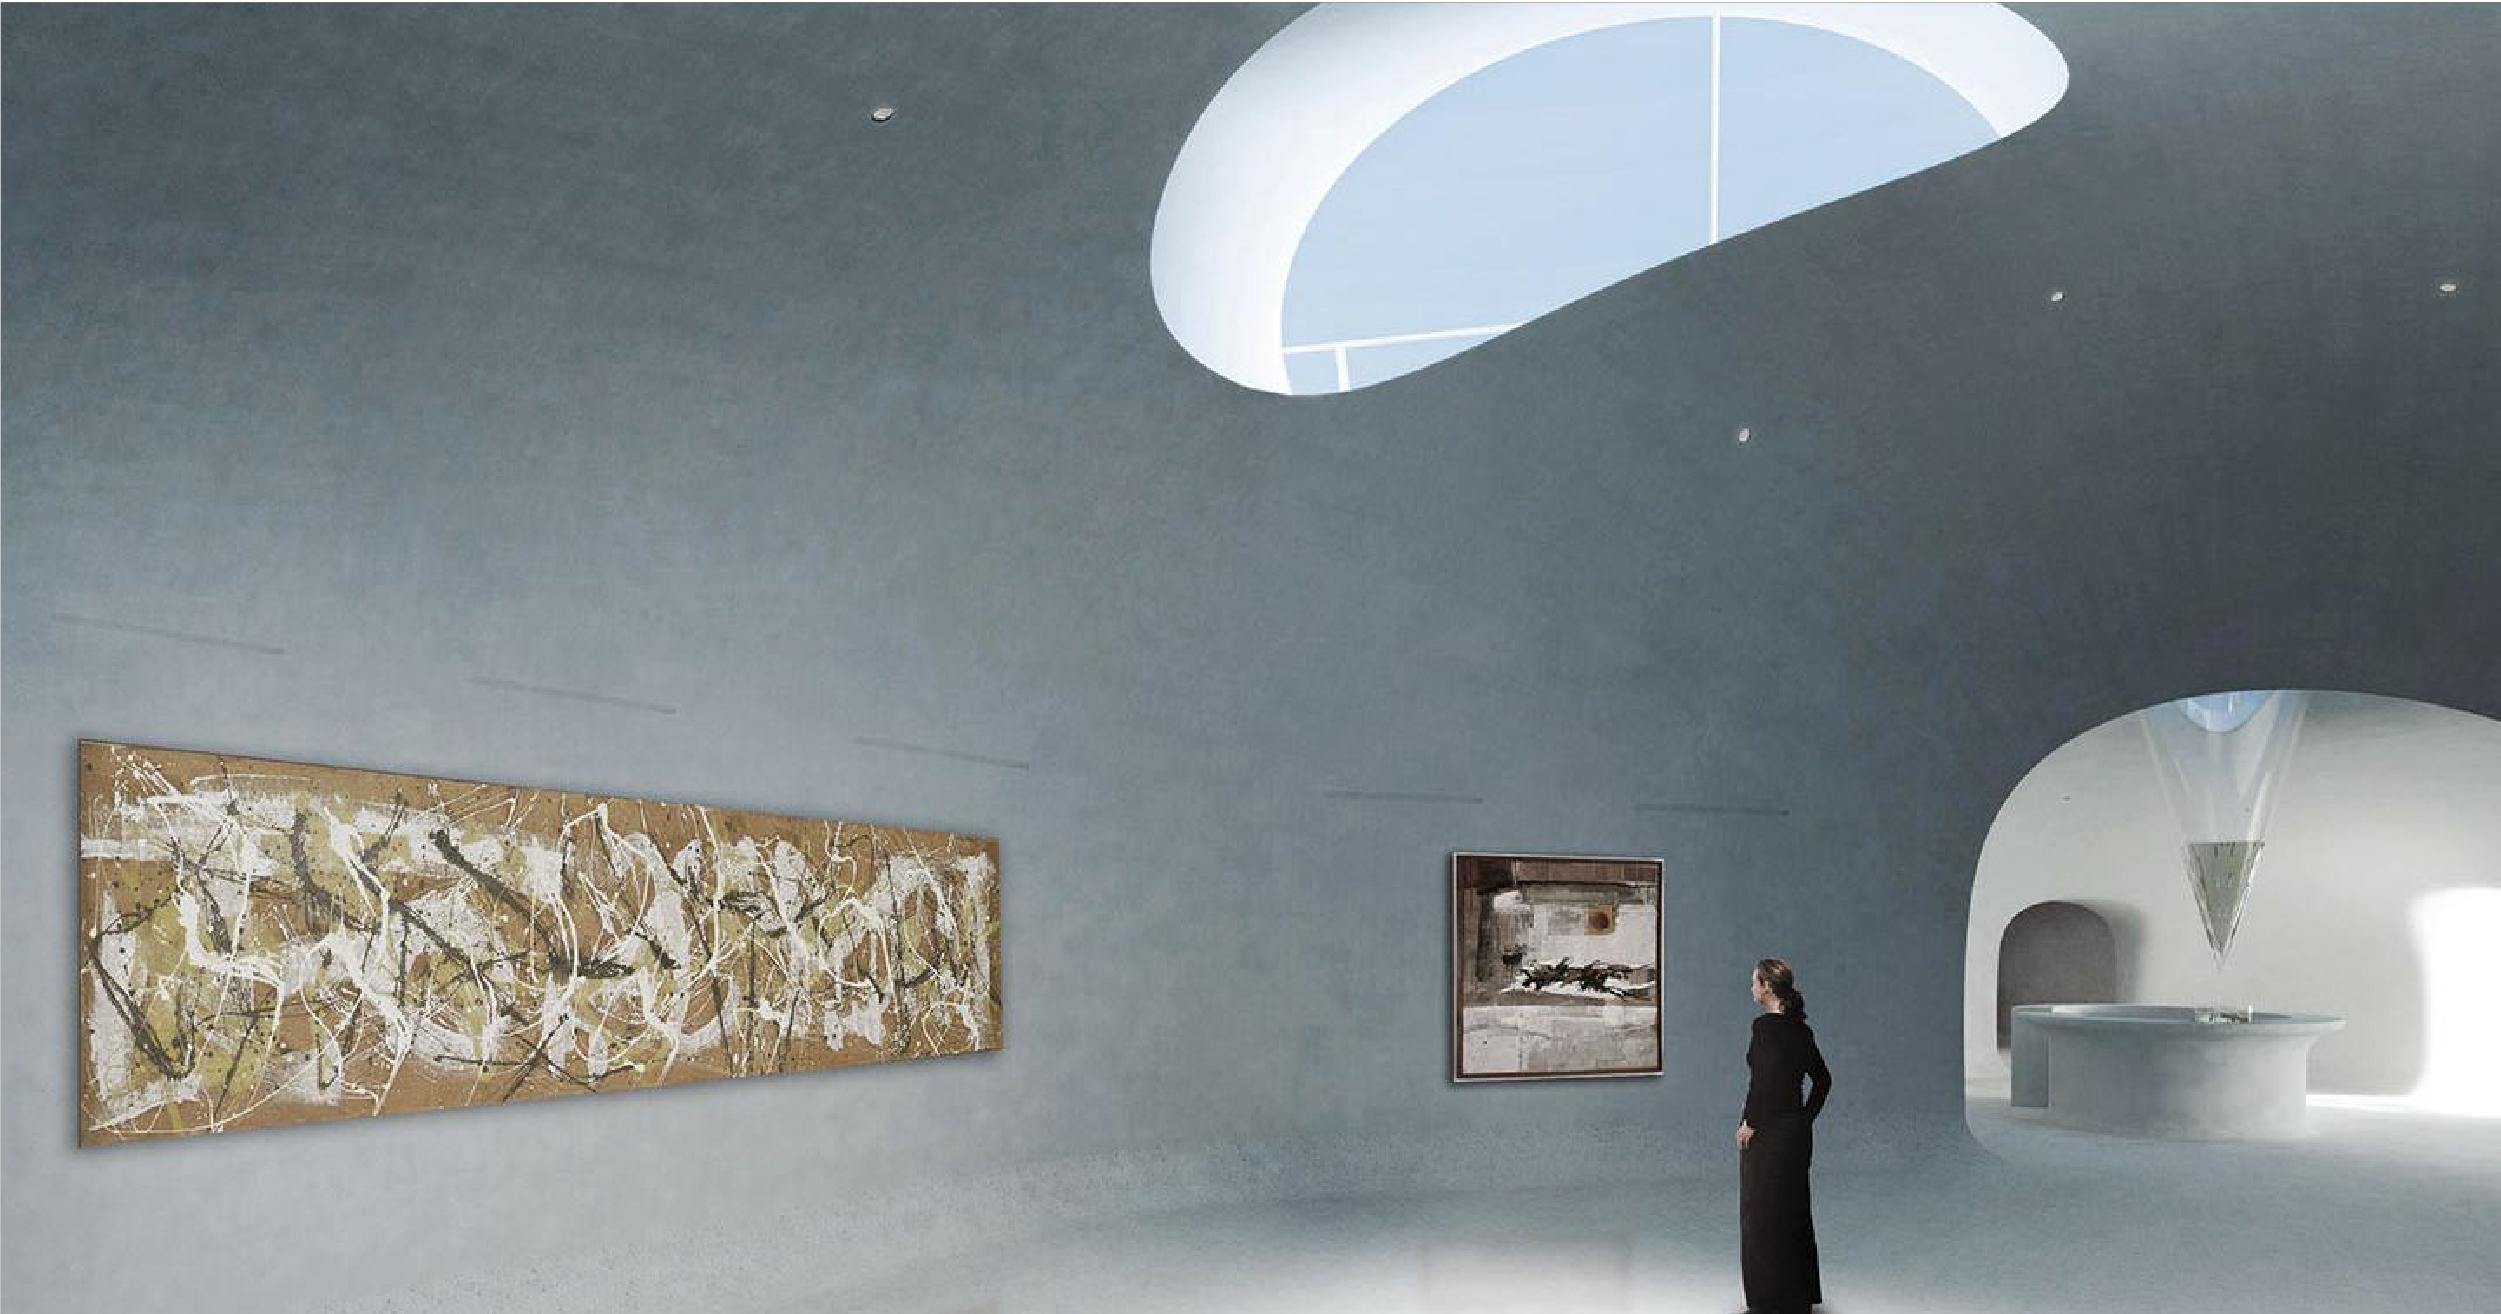 Cùng ngắm nhìn bảo tàng nghệ thuật trong đụn cát ở Trung Quốc